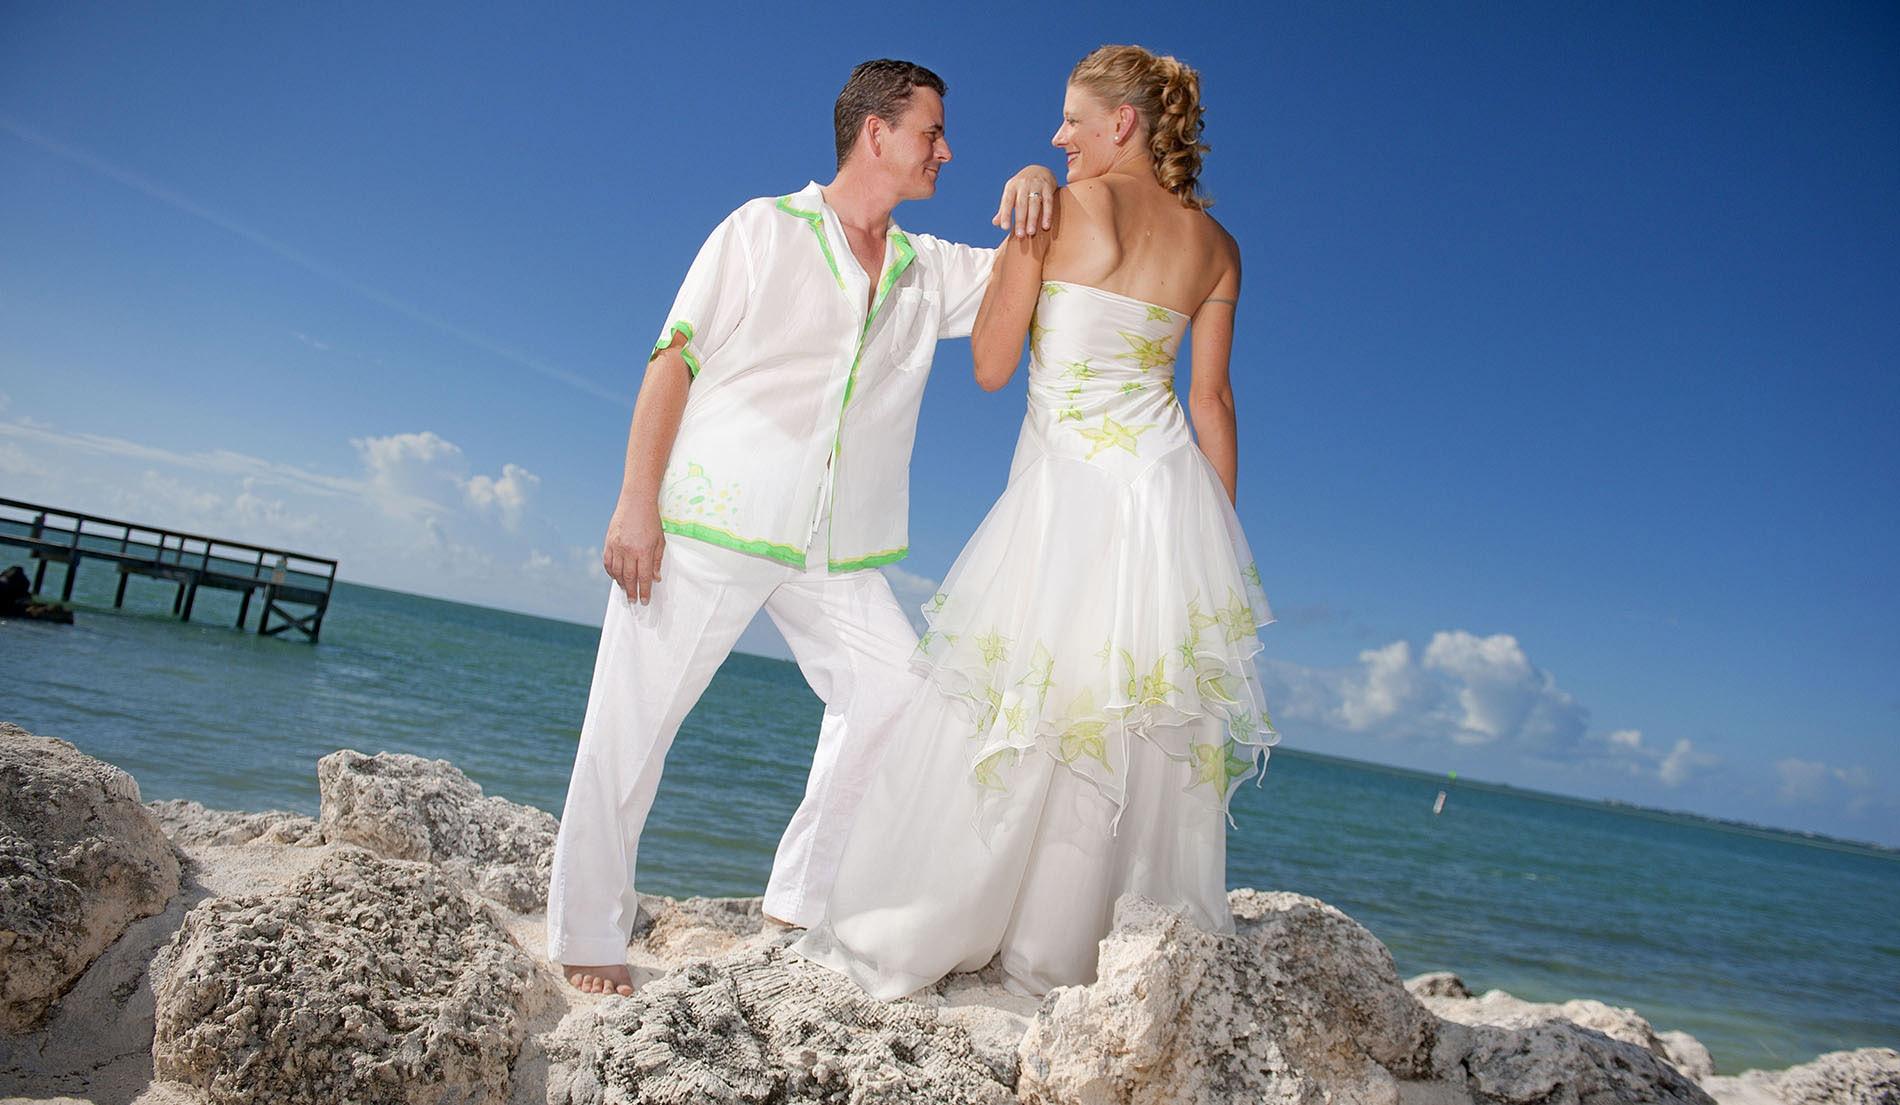 LOOK 6 with bride